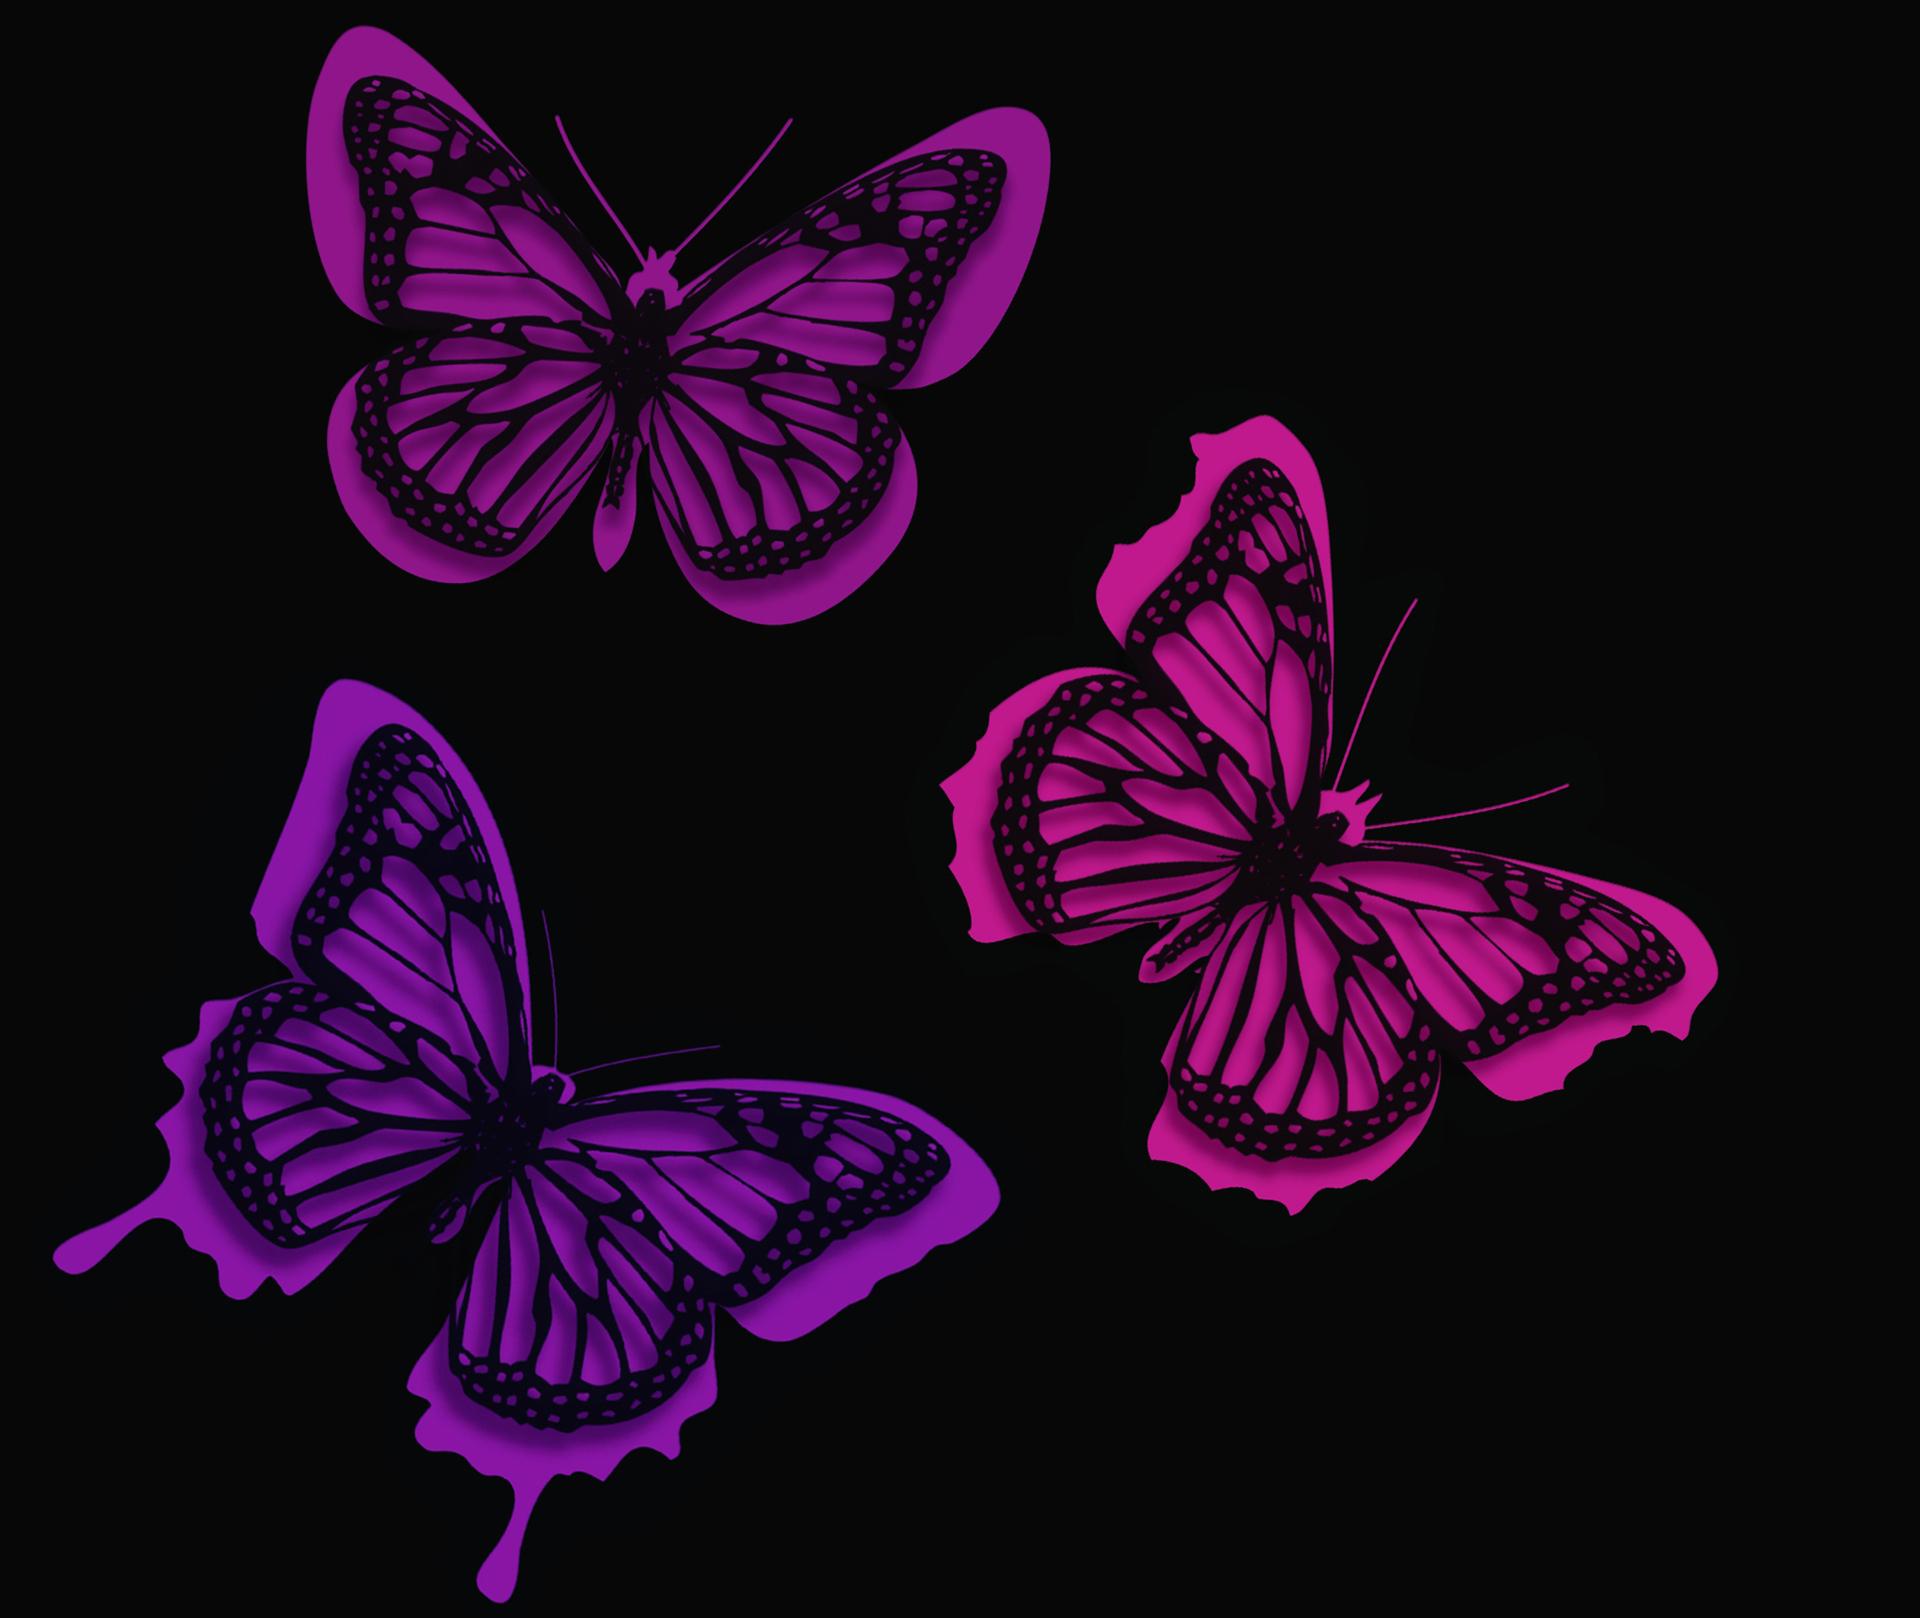 Pink Butterfly Wallpaper: Pink Butterflies Artistic, HD Artist, 4k Wallpapers